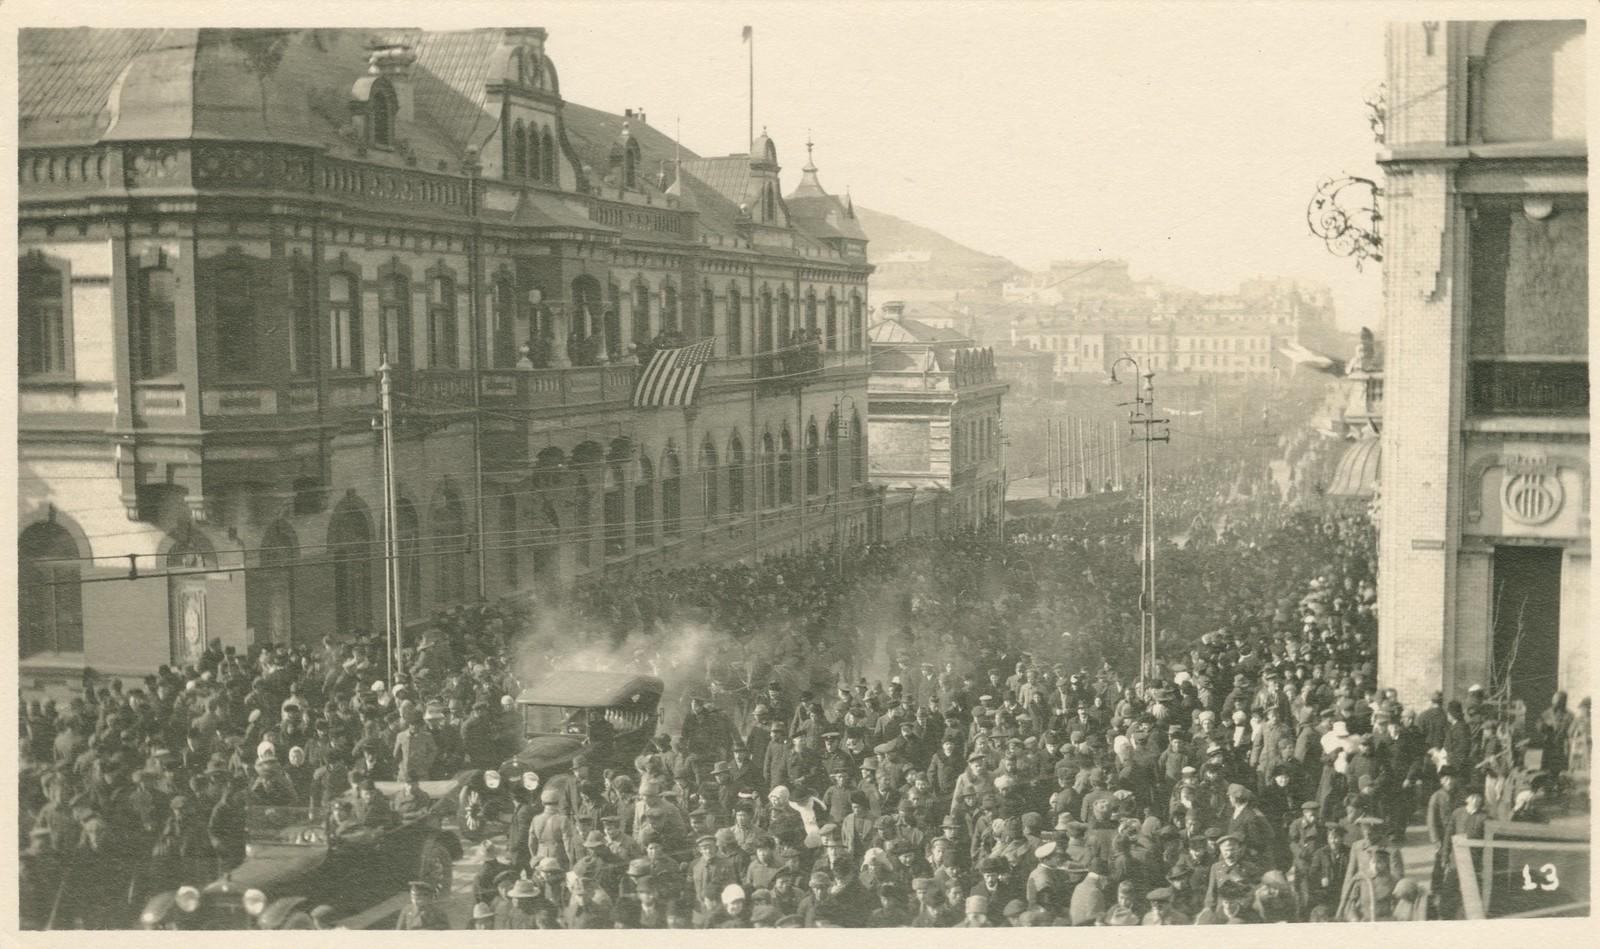 33. 1918. Парад завершился прохождением частей Чехословацкого корпуса. 15 ноября4